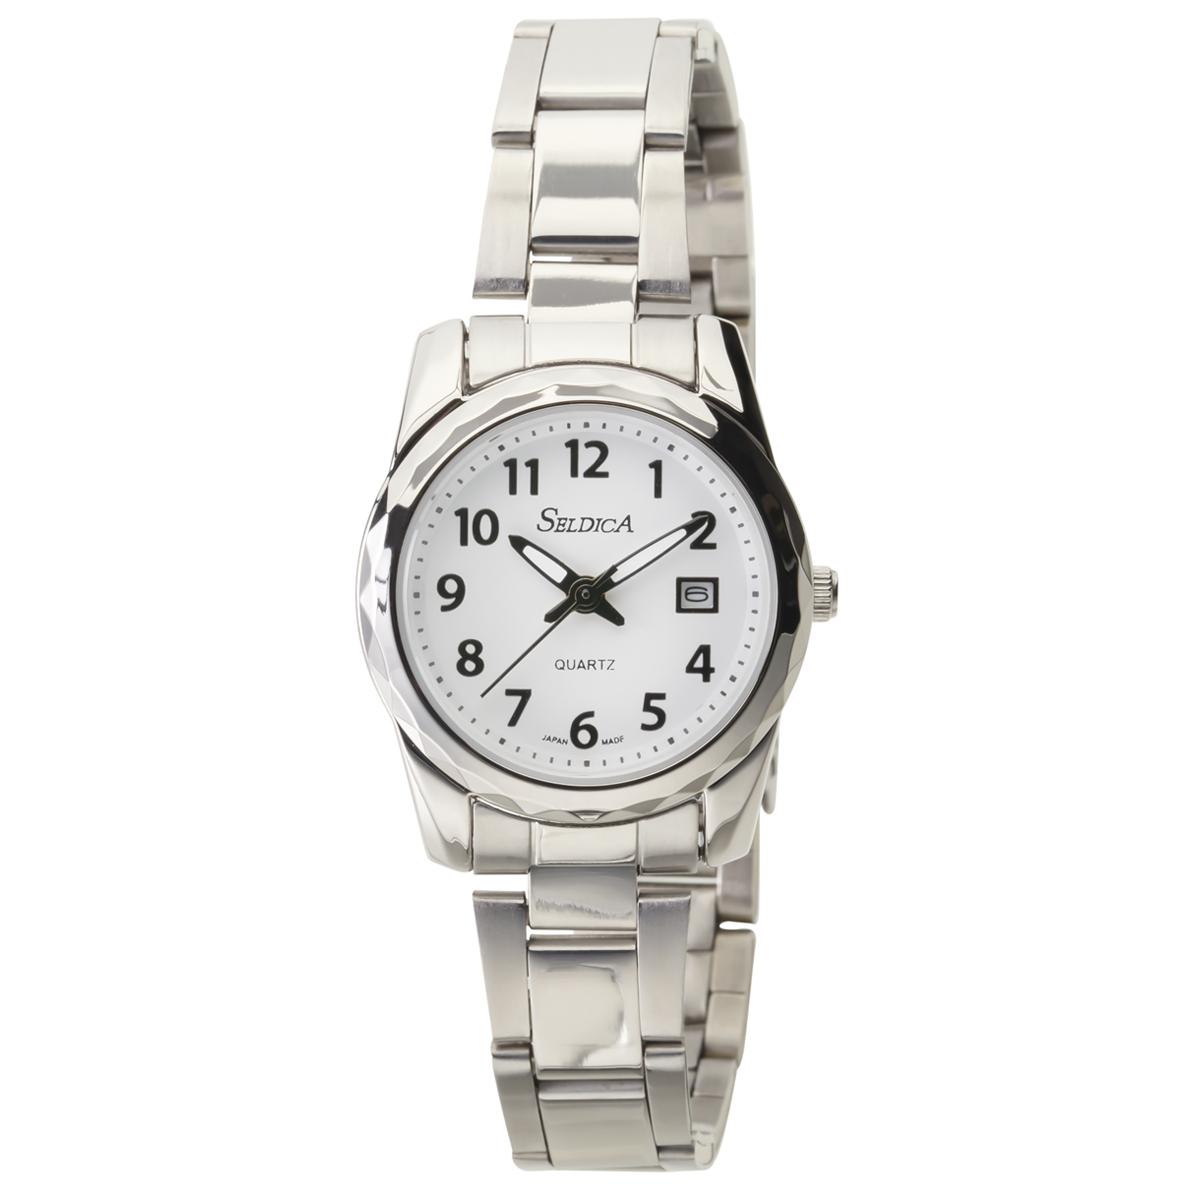 日本製腕時計 レディースステンレスベルト SELDICA アナログ【SD-AL048】